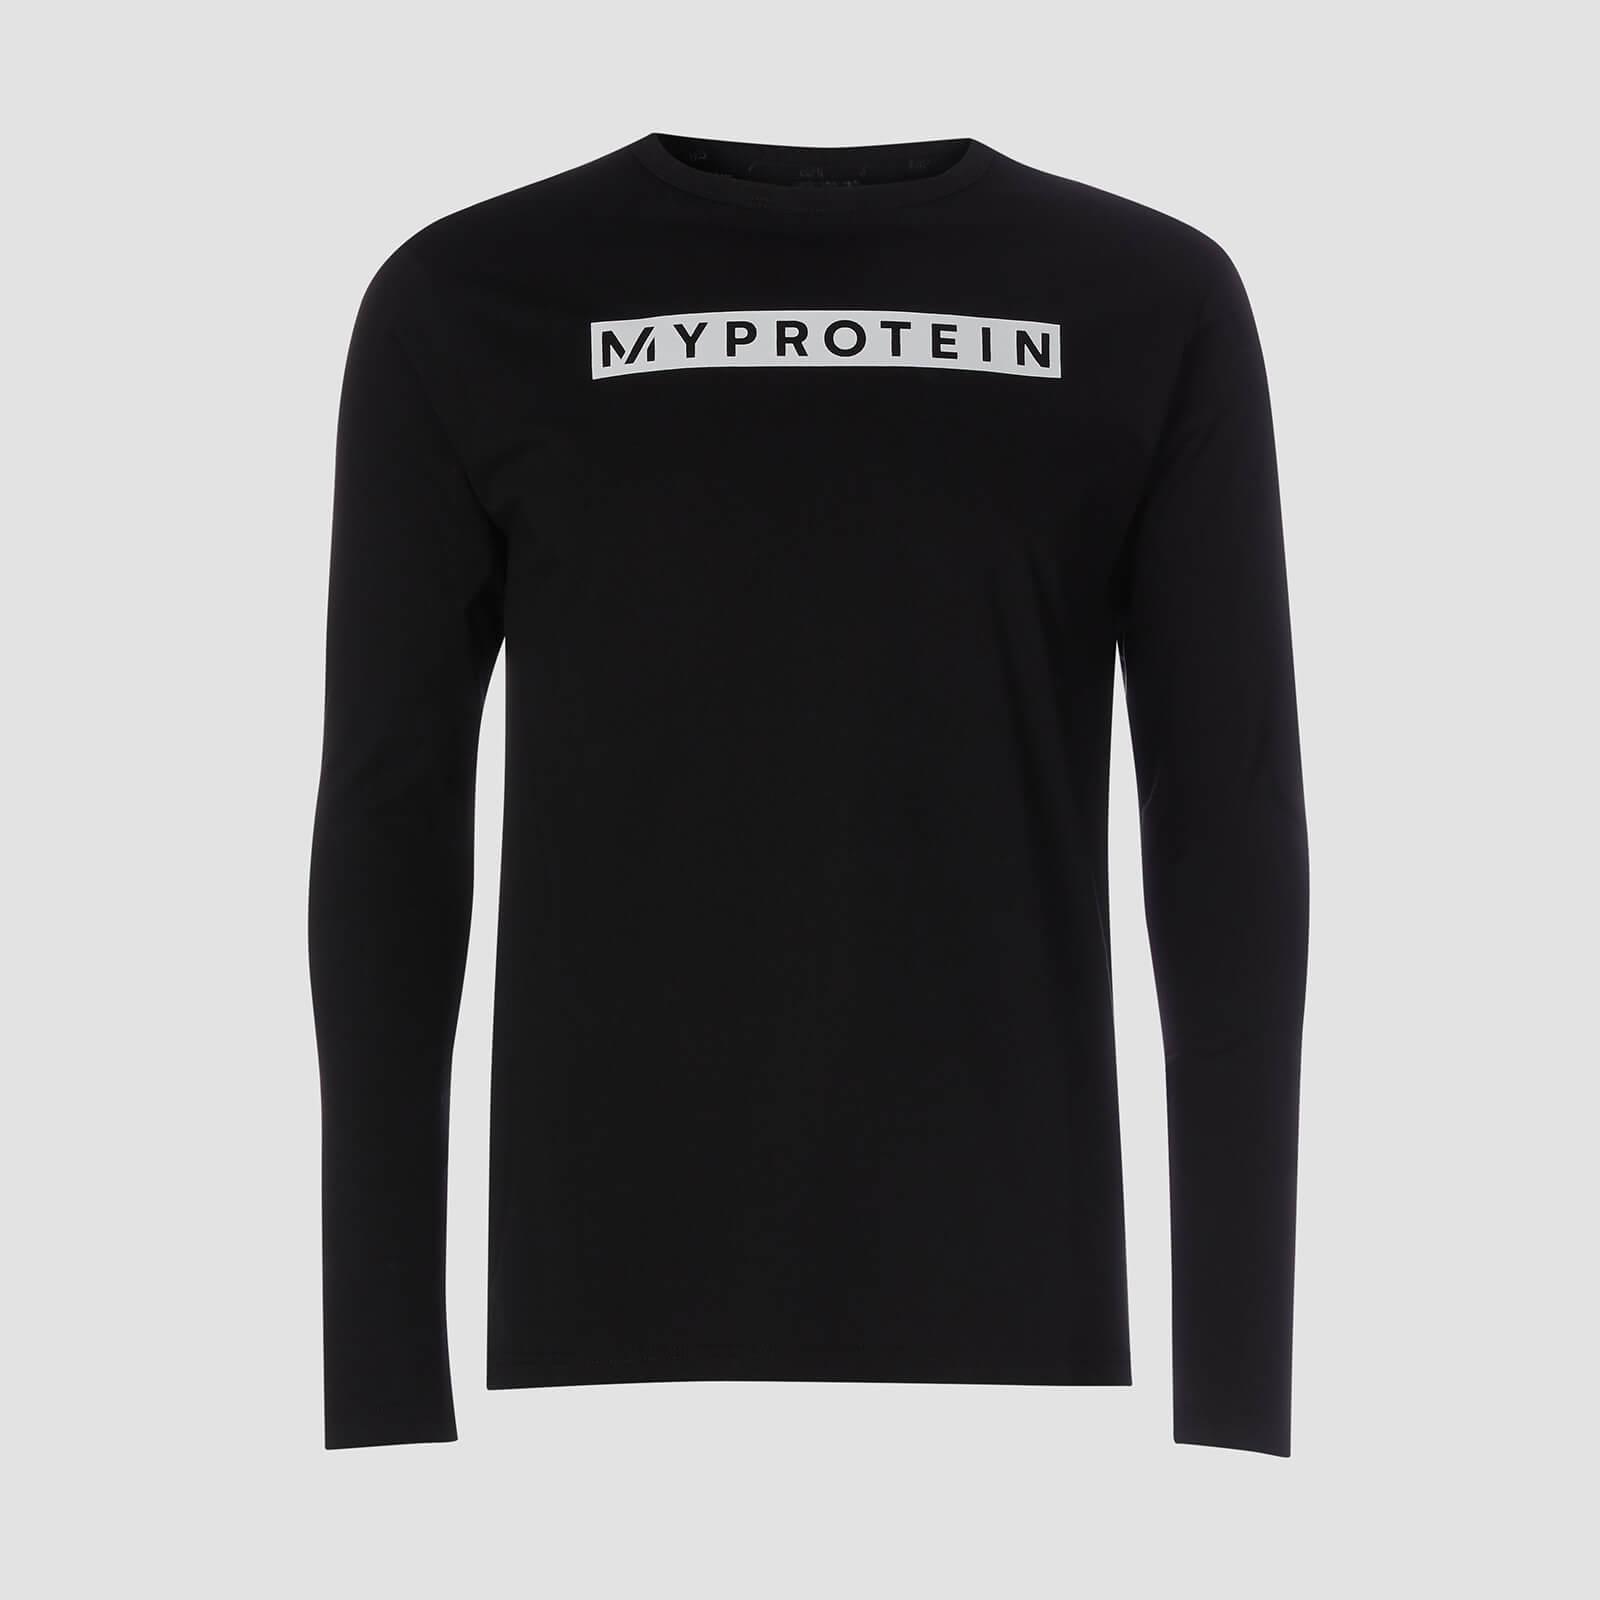 Myprotein The Original Long Sleeve T-Shirt - Svart - XXL